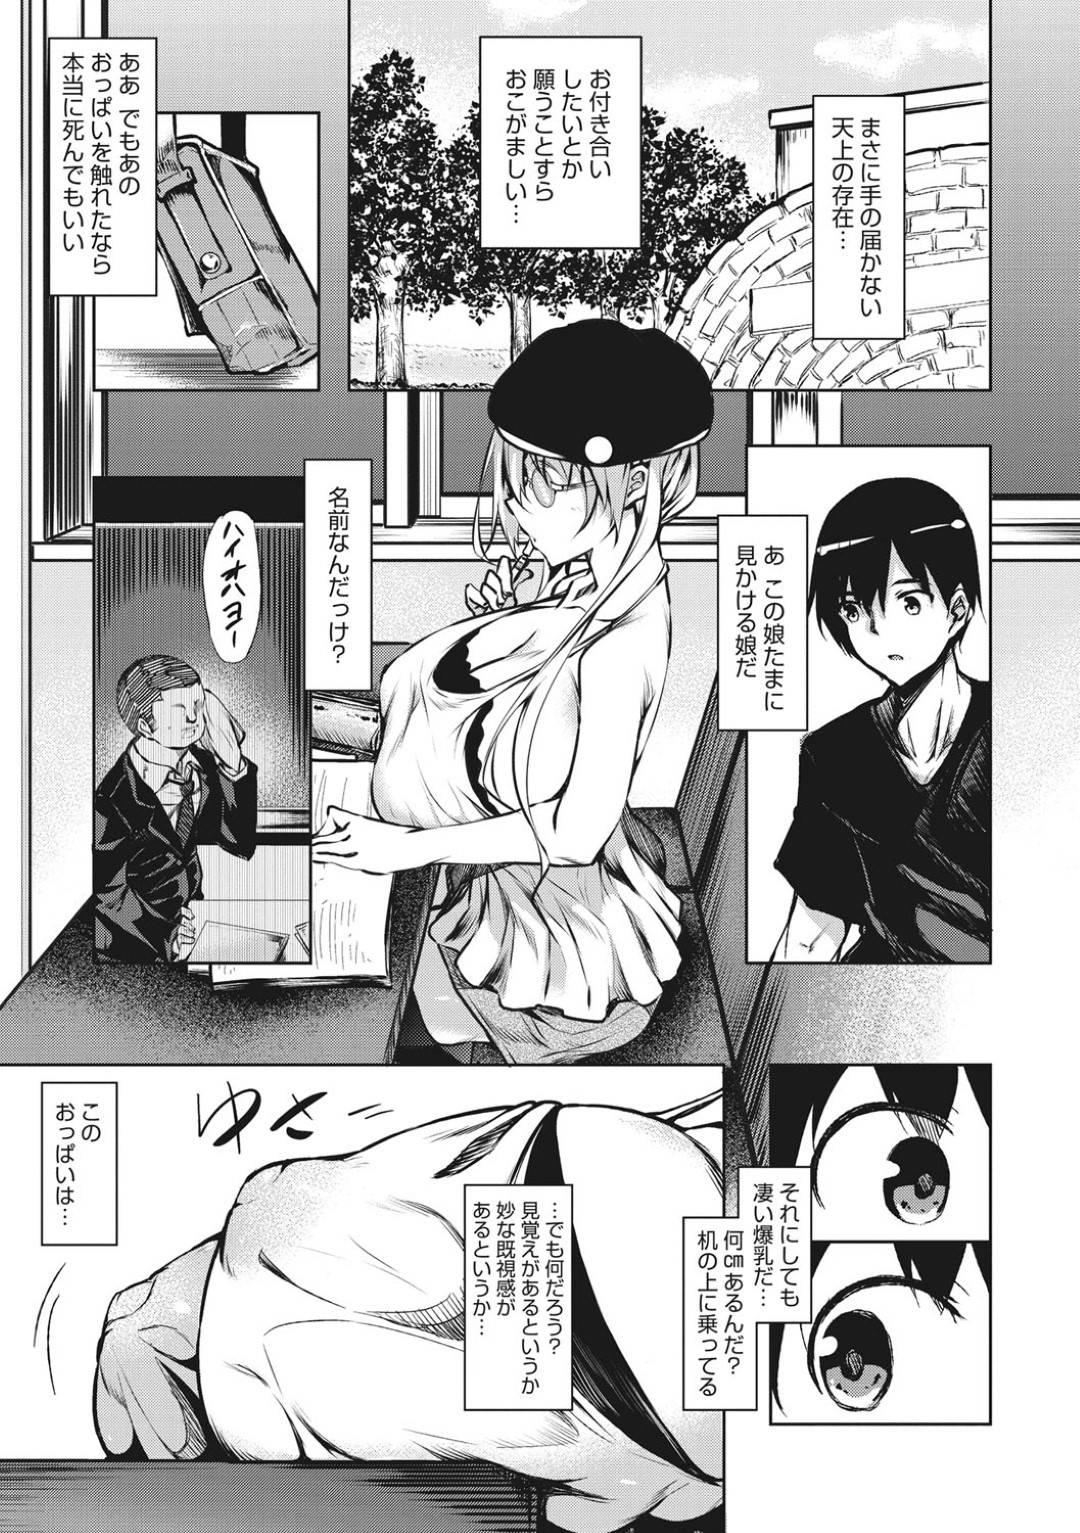 【母乳アイドルエロ漫画】日本で最も憧れられている巨乳のトップアイドルは大学の男の子に母乳が出る体質がバレてしまい、搾乳してもらい中出しセックスをする!【復八磨直兎】